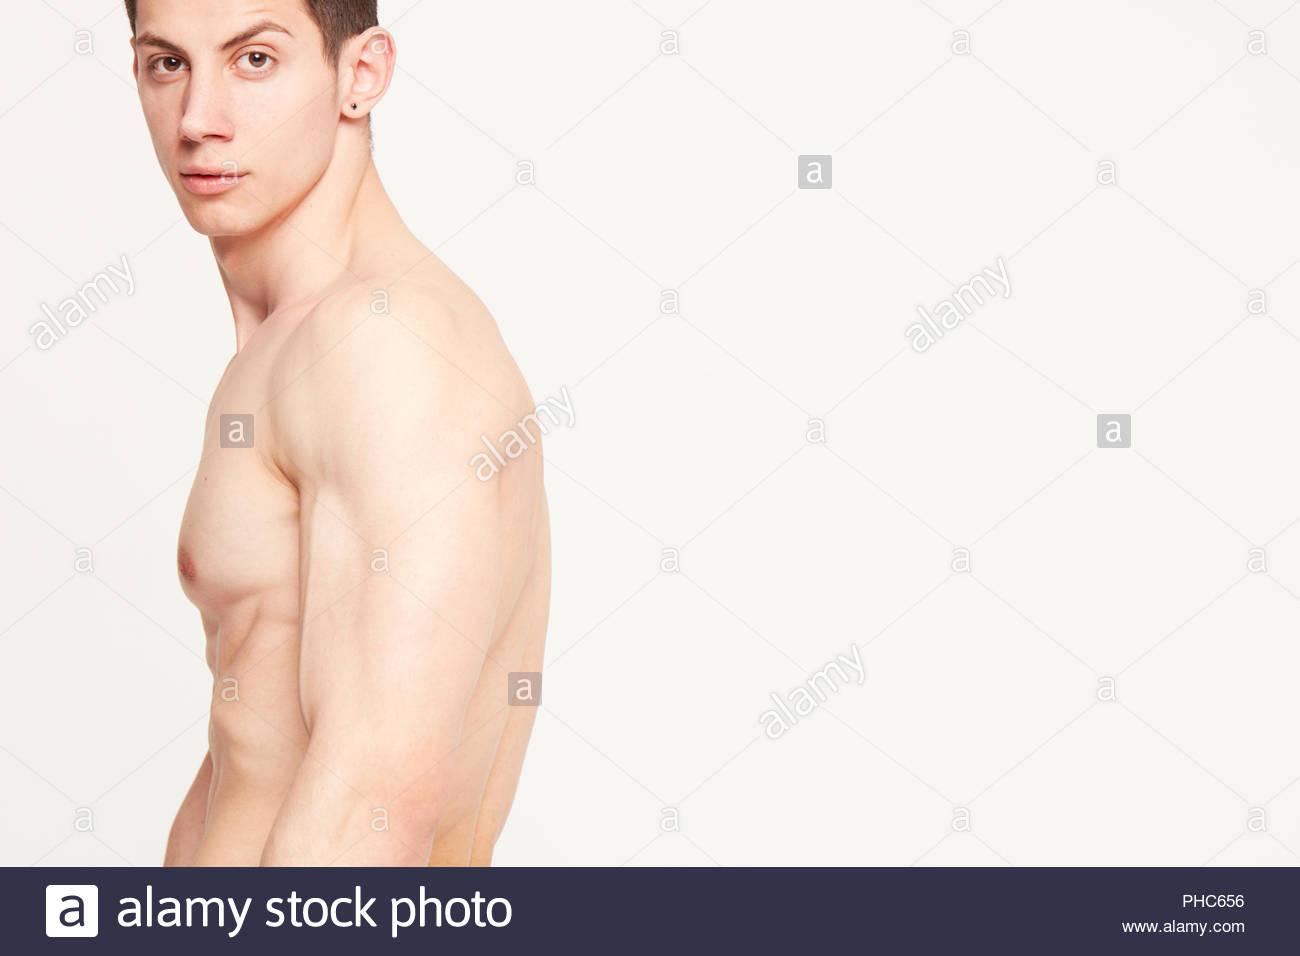 Jeune homme torse nu Banque D Images, Photo Stock  217241842 - Alamy f3207c1a659